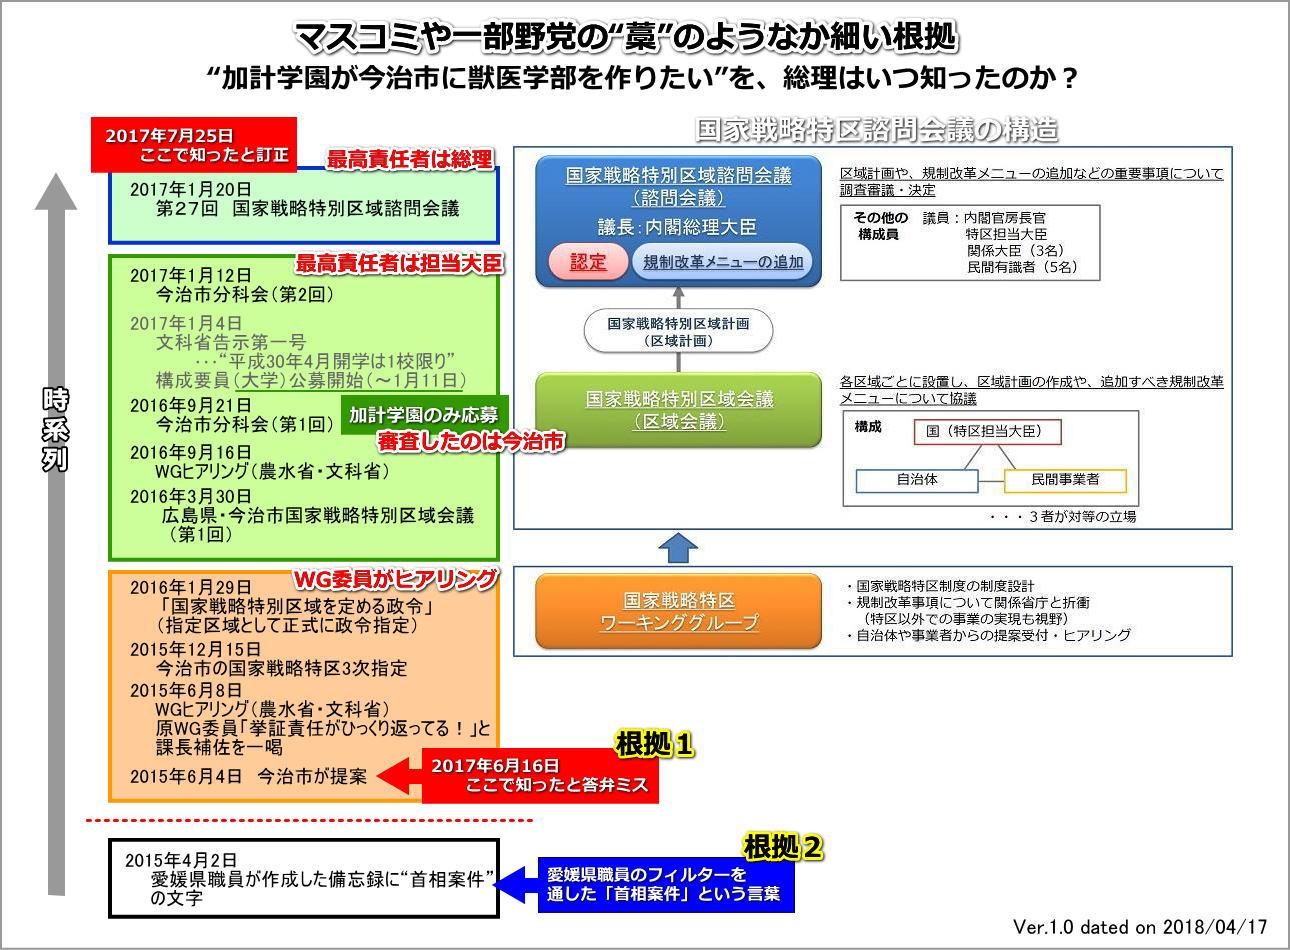 kake_tokku_image.jpg